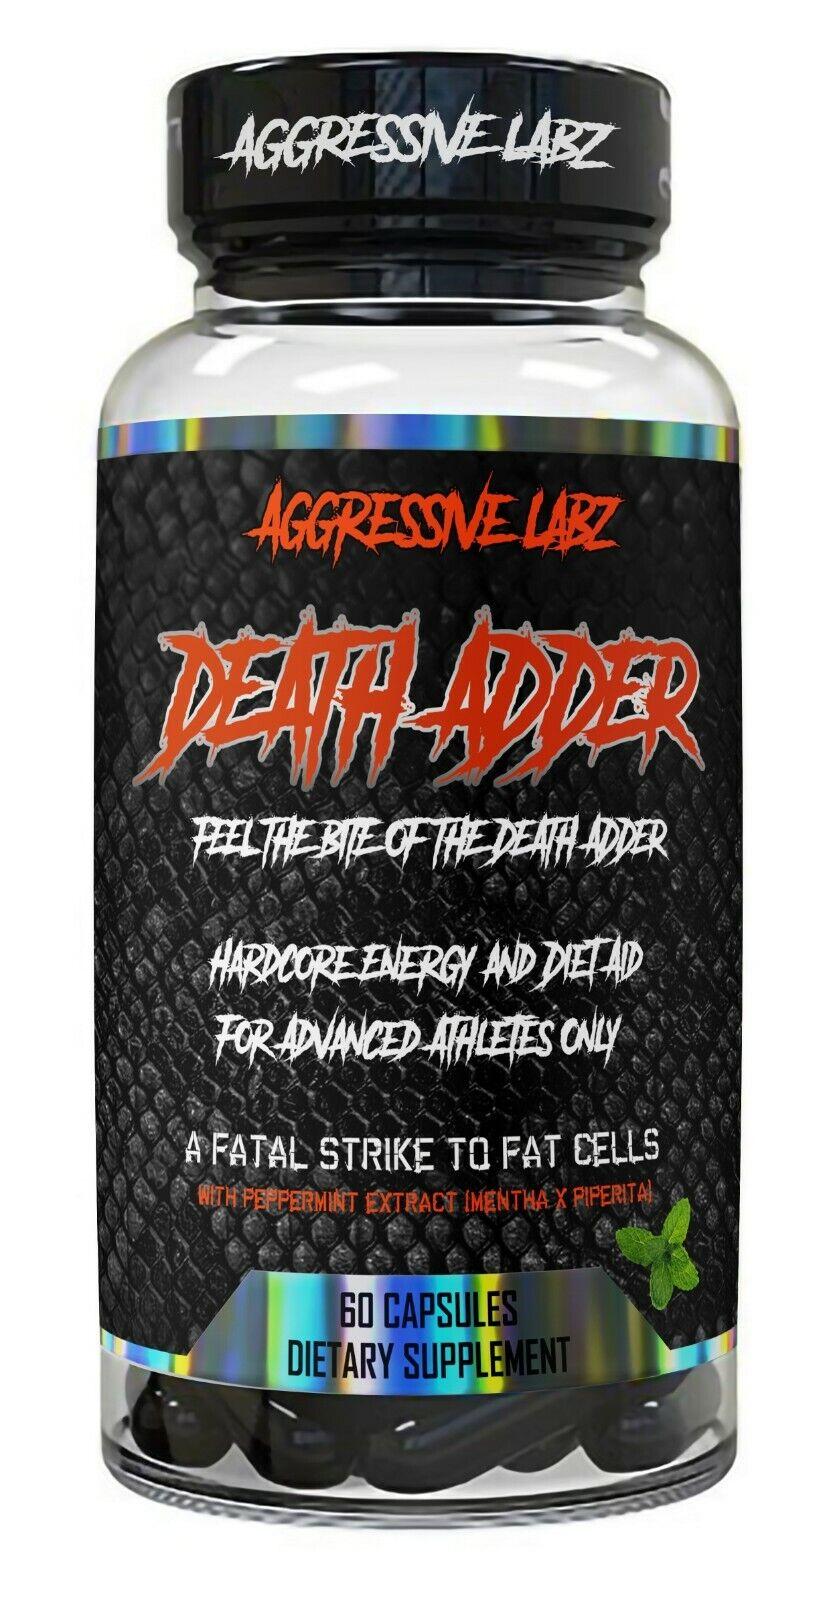 Aggressive Labz DEATH ADDER Superior Thermogenic Fat Burner